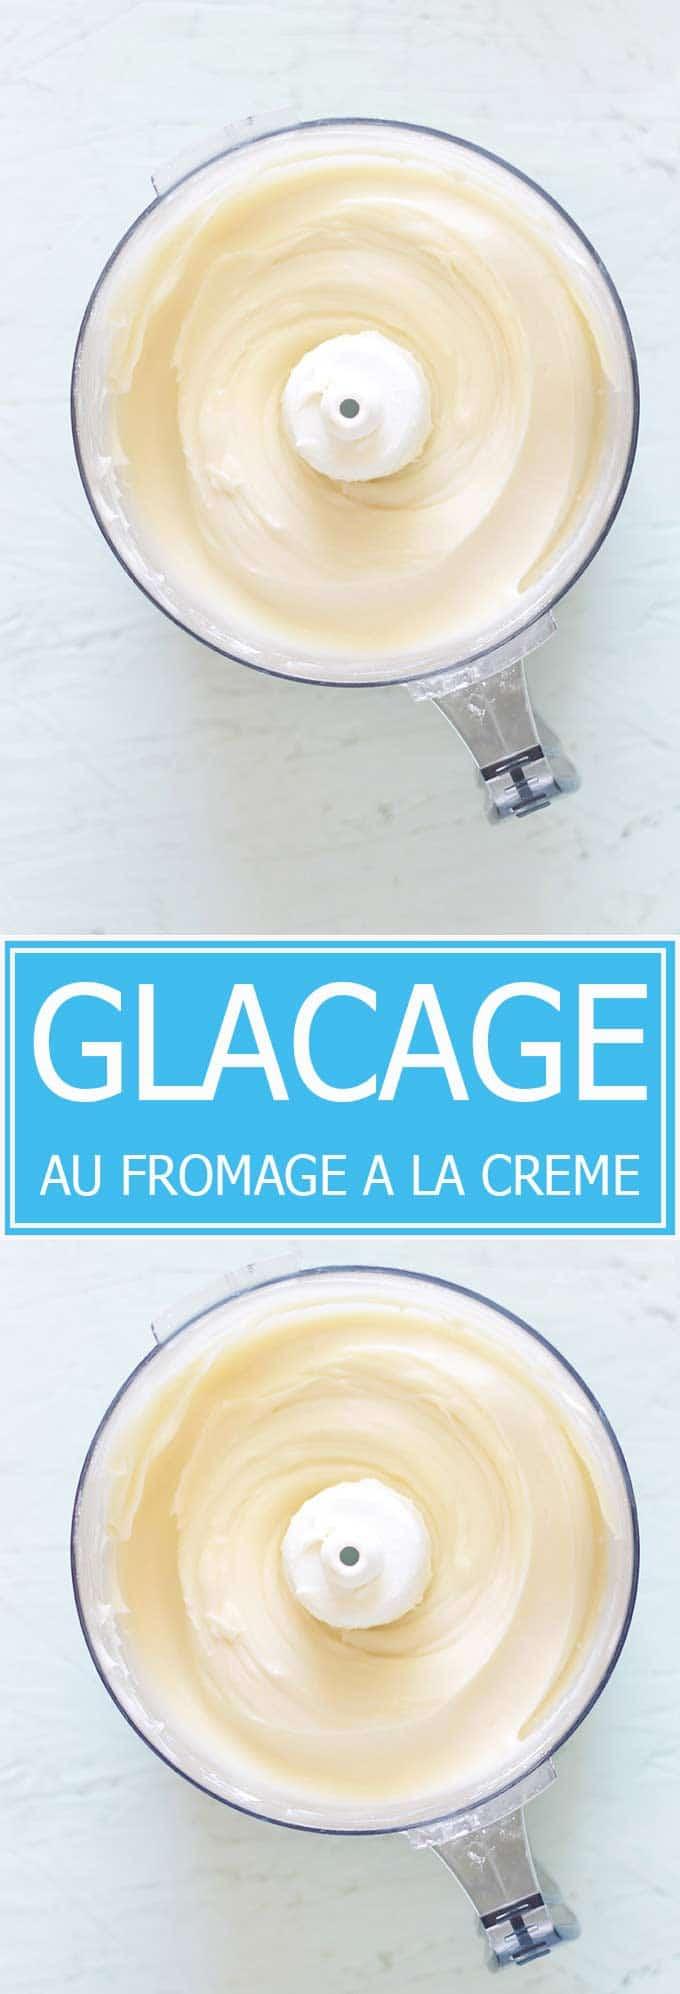 La recette du glaçage au fromage à la crème (cream cheese). Crémeux, simple, rapide et très facile à faire. A utiliser sur les gâteaux et cupcakes.